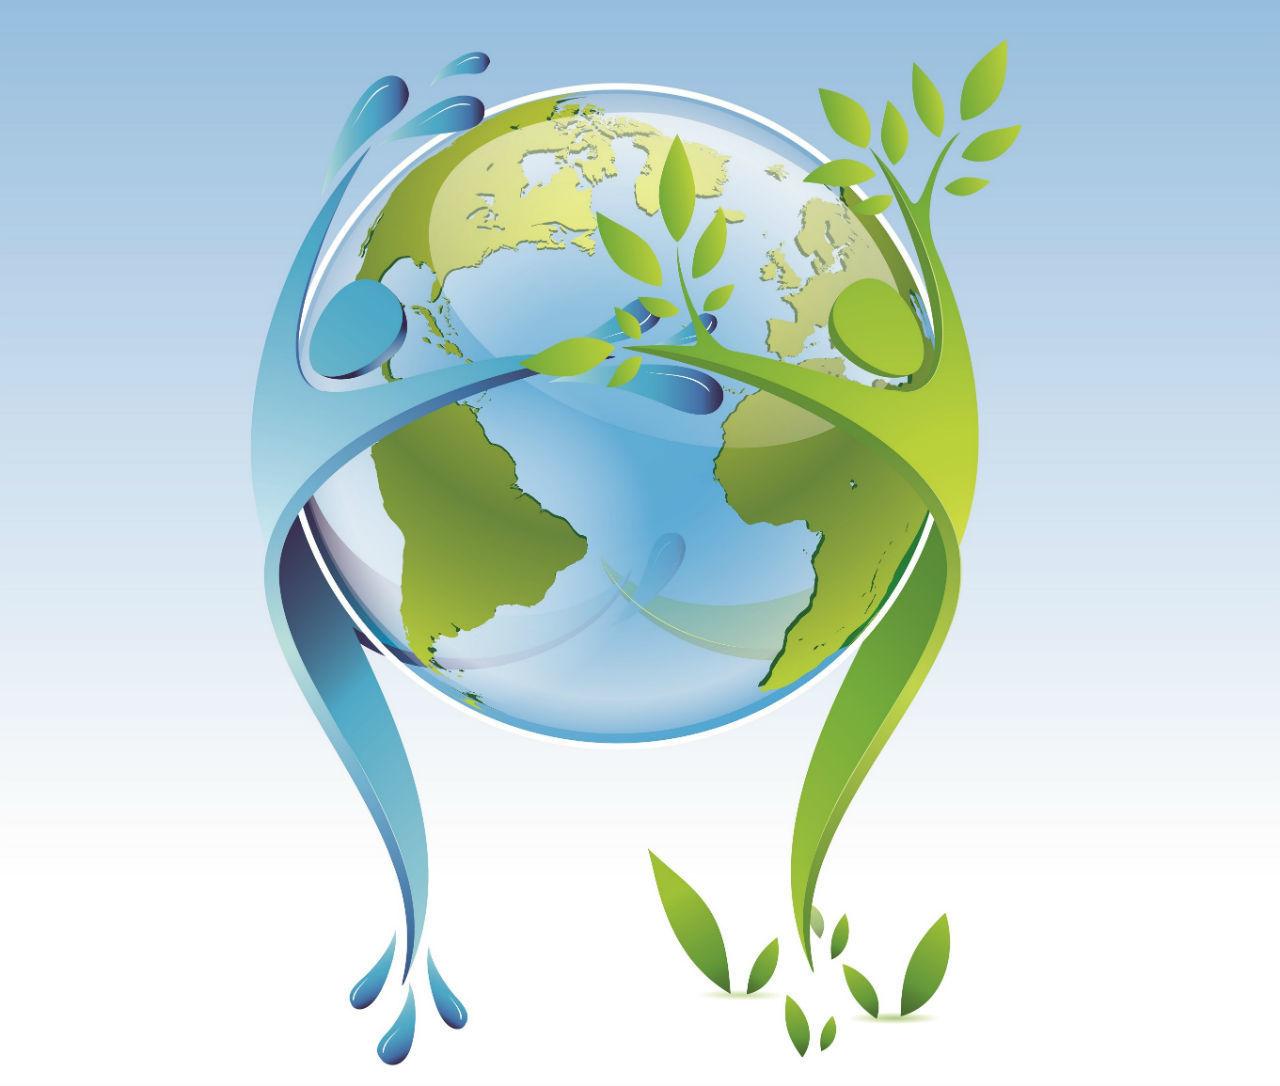 взвесив день экологии в картинках процессы